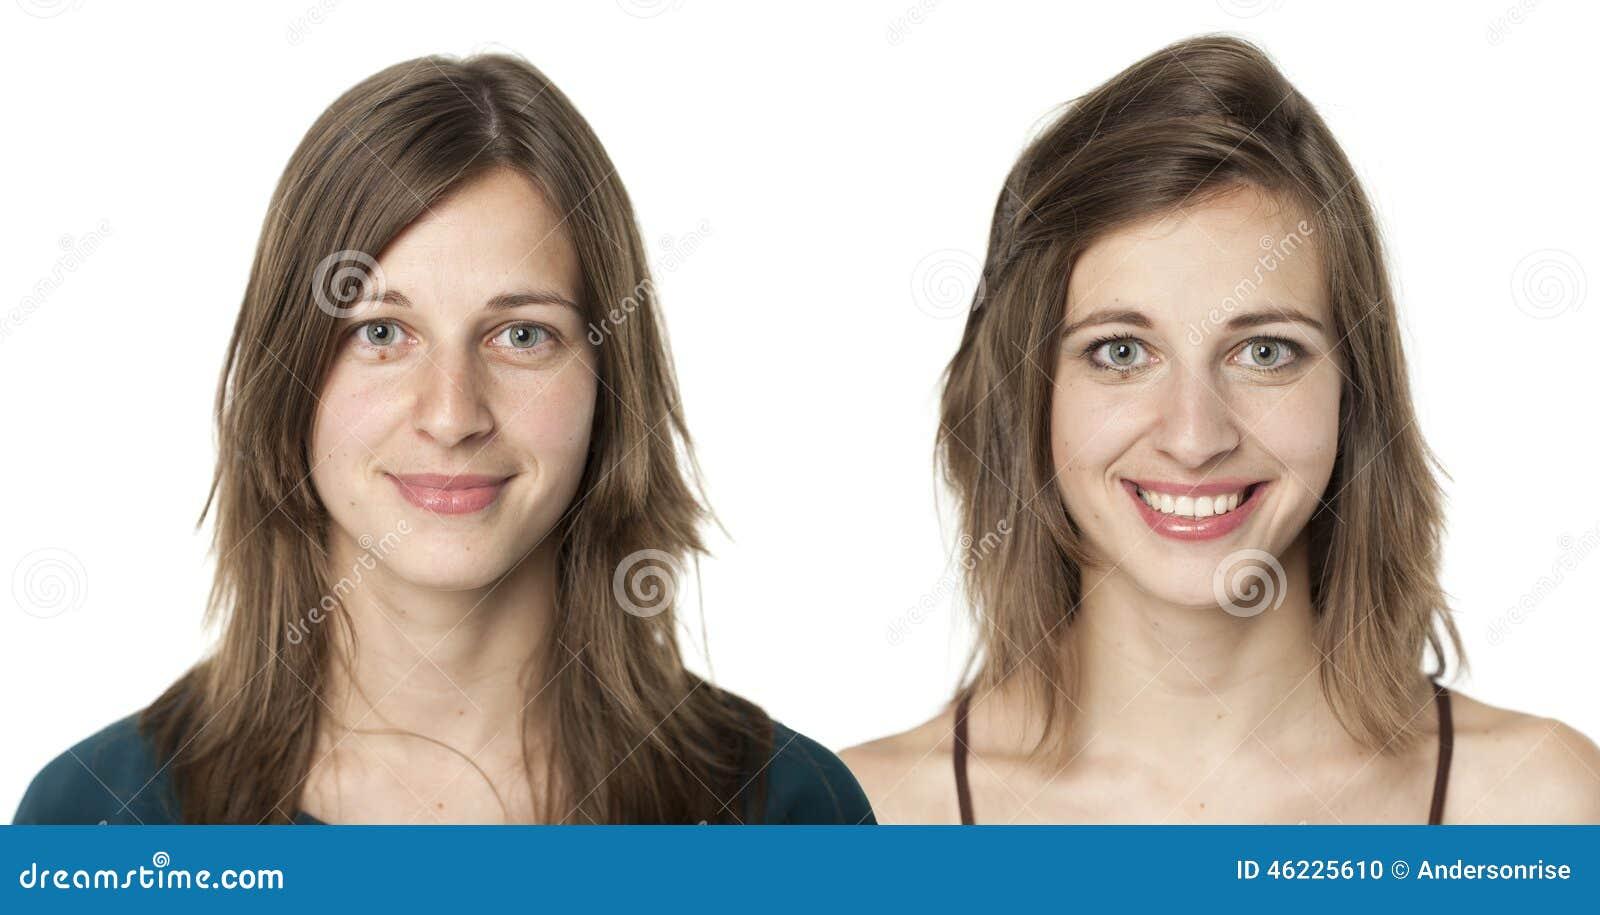 Porträts der gleichen jungen Frau